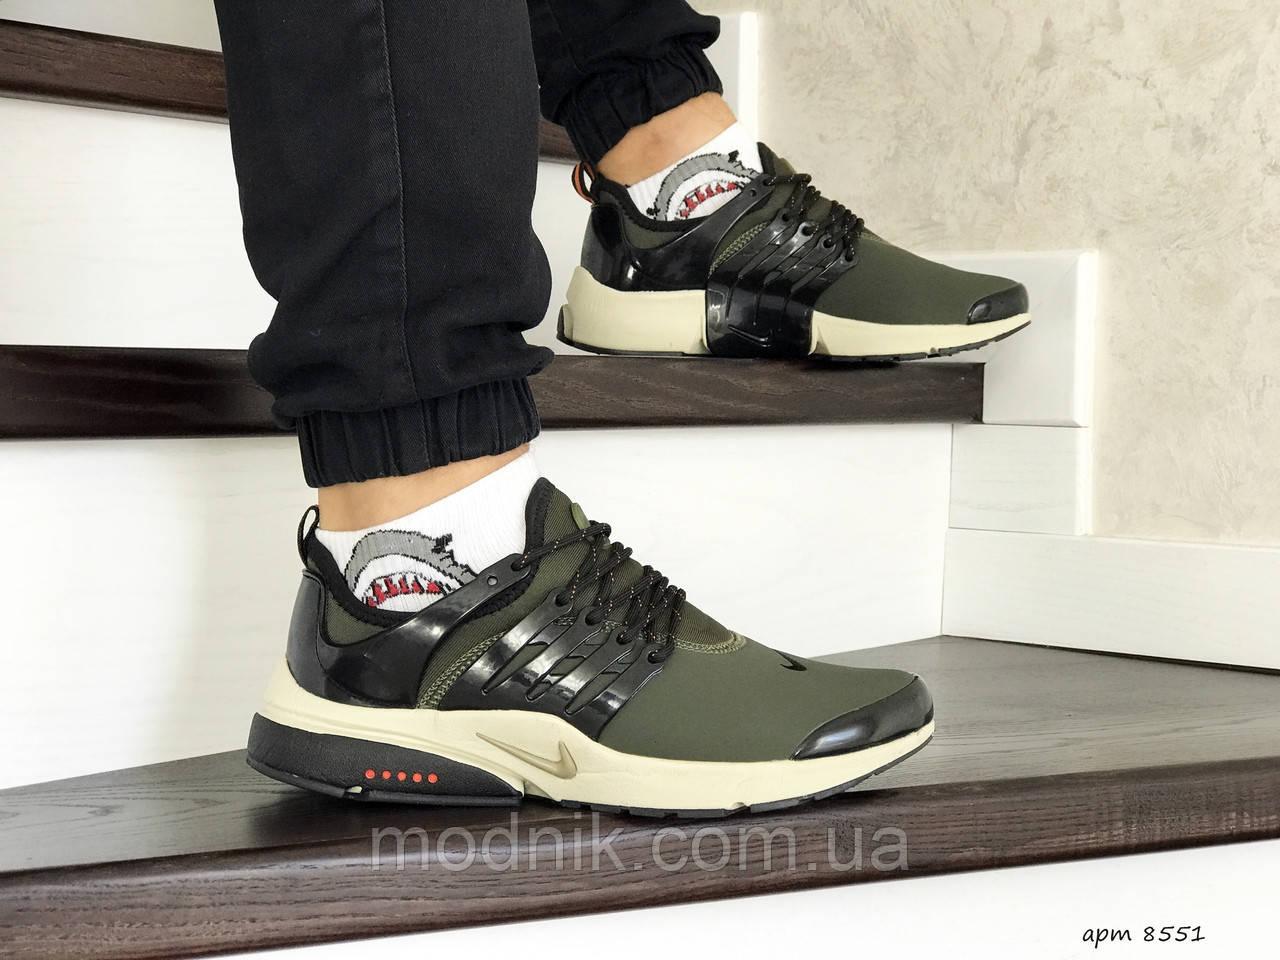 Мужские кроссовки Nike Air Presto (темно-зеленые)